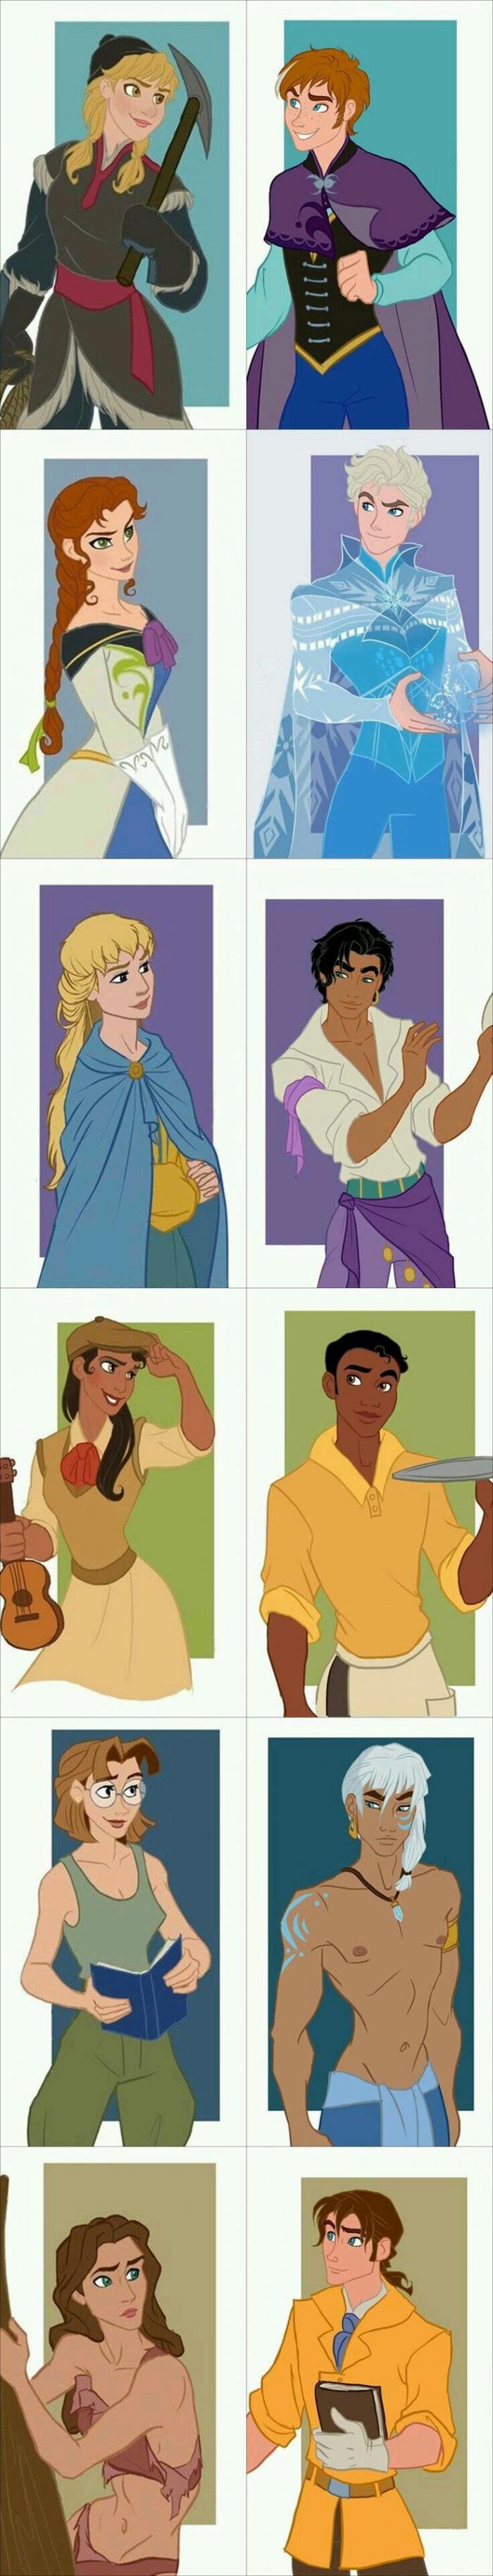 Just some Disney gender bends - 9GAG